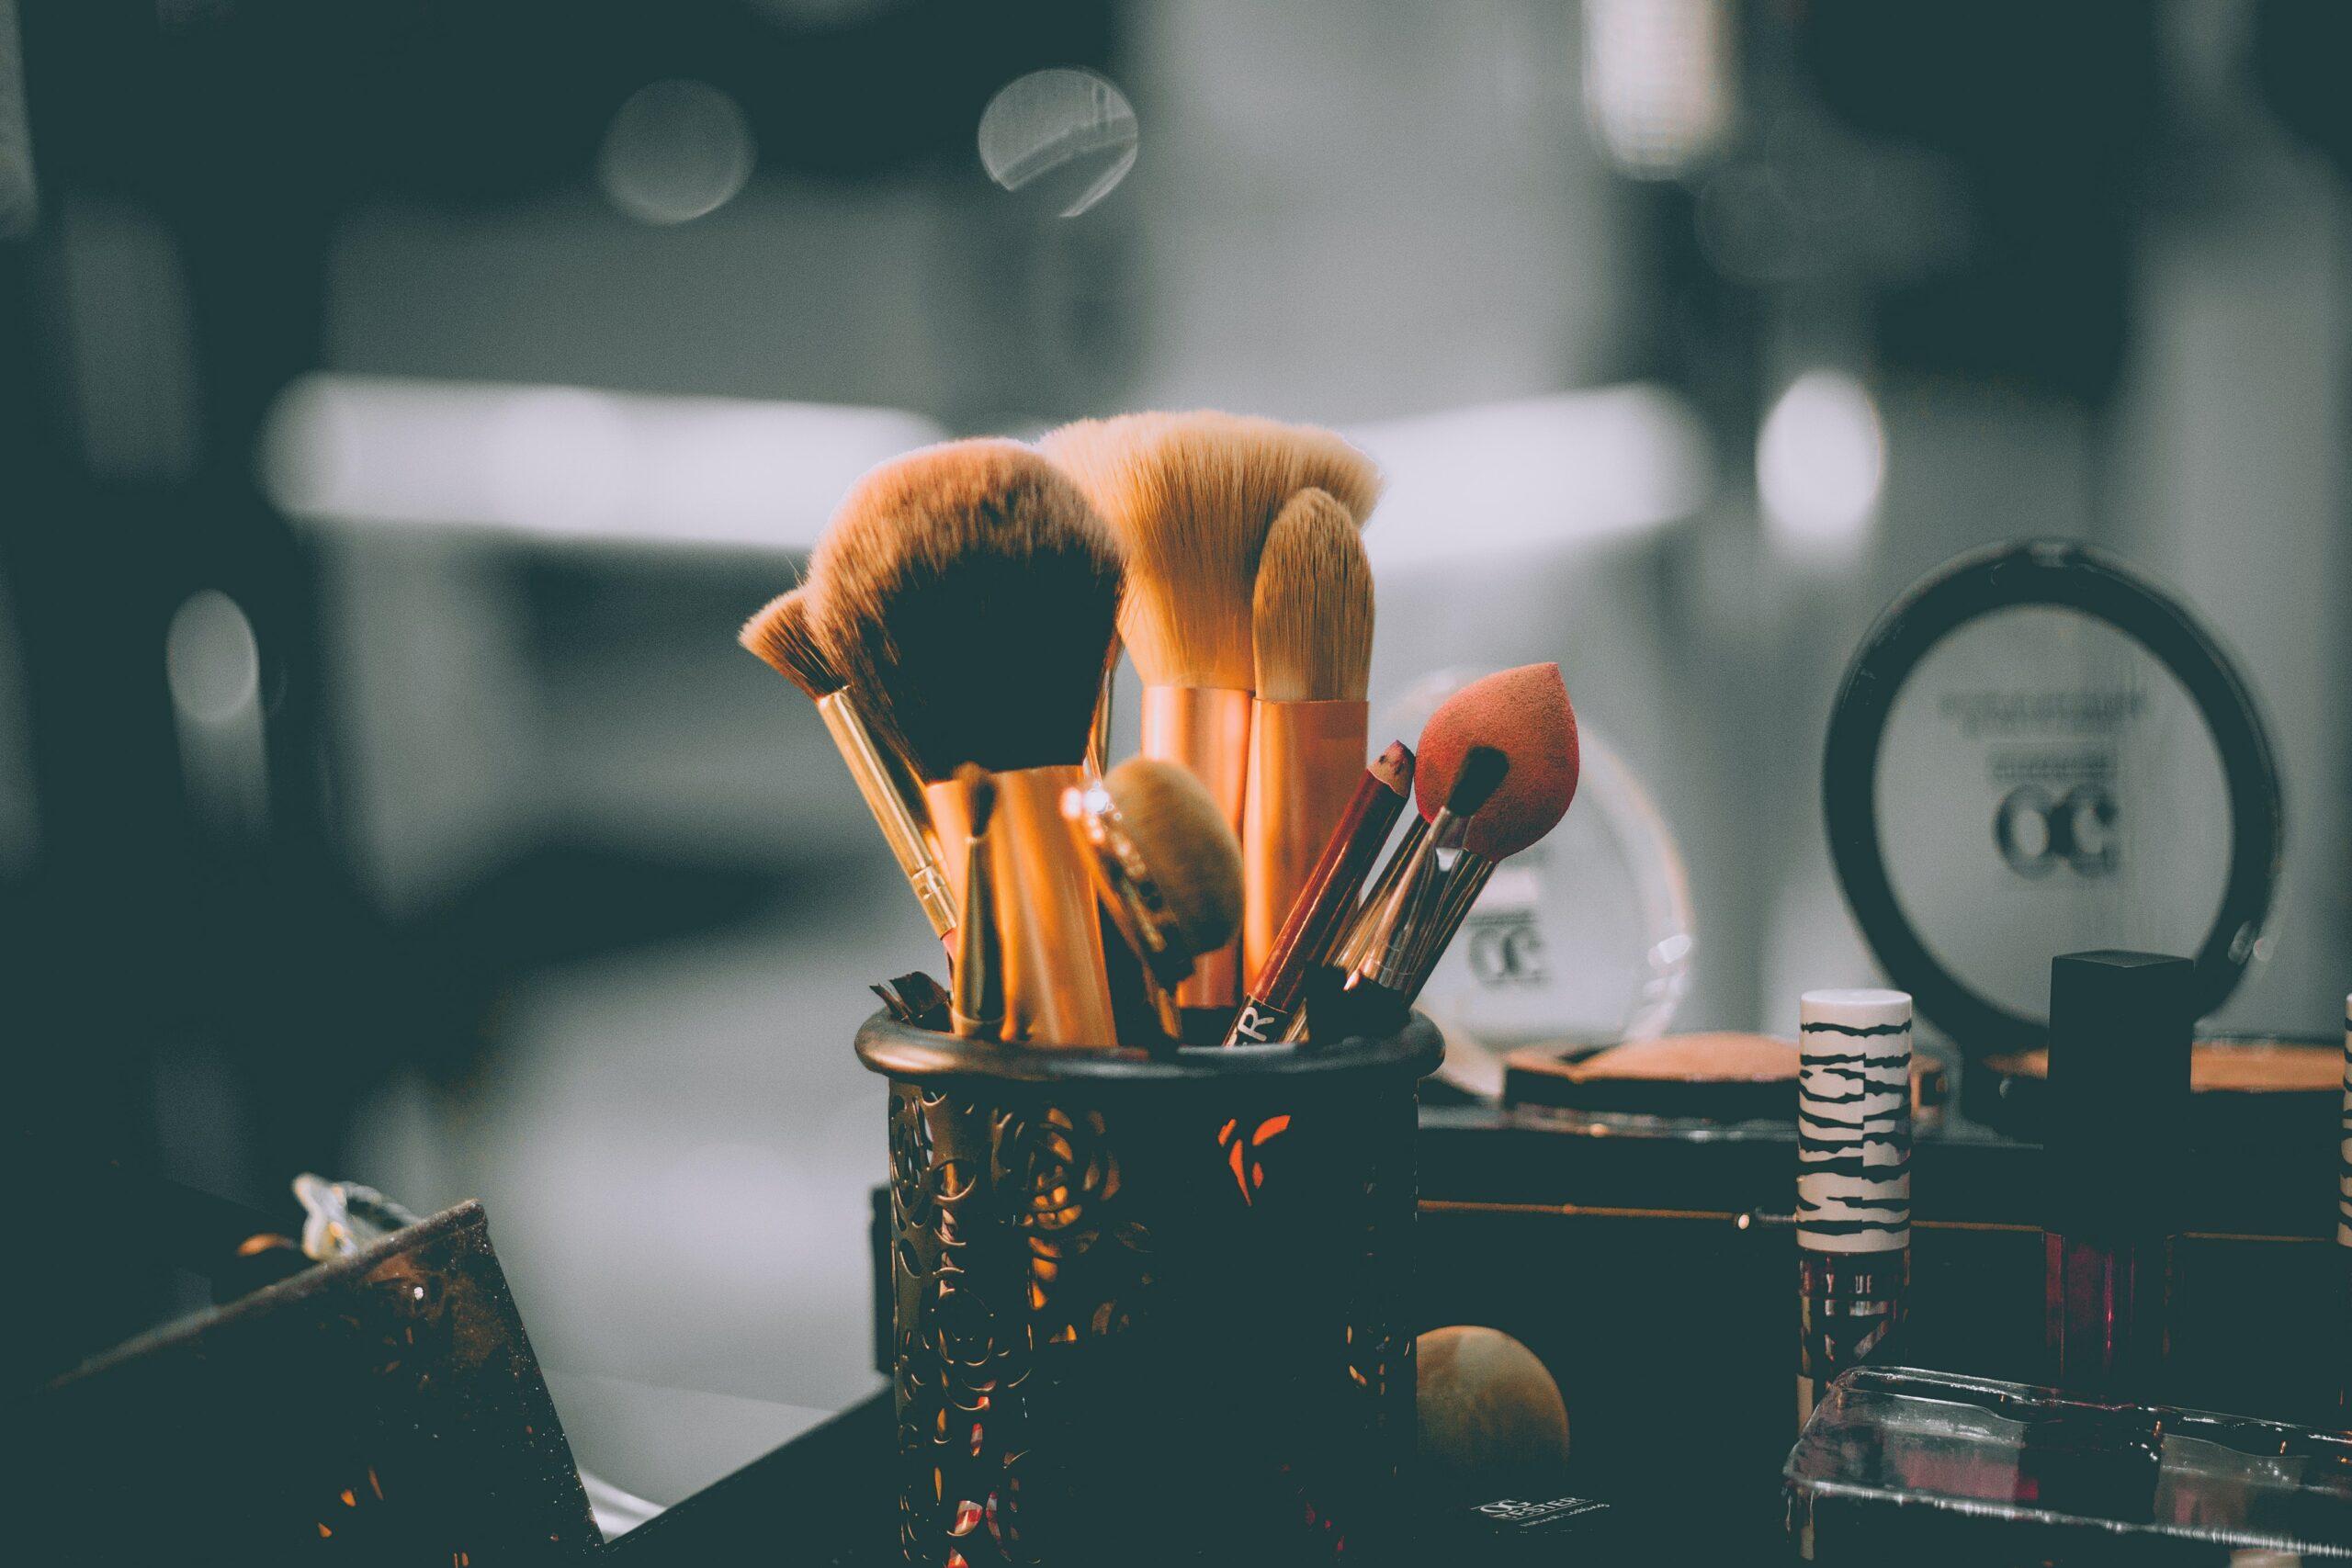 Le fond de teint Infaillible 24h de L'Oréal